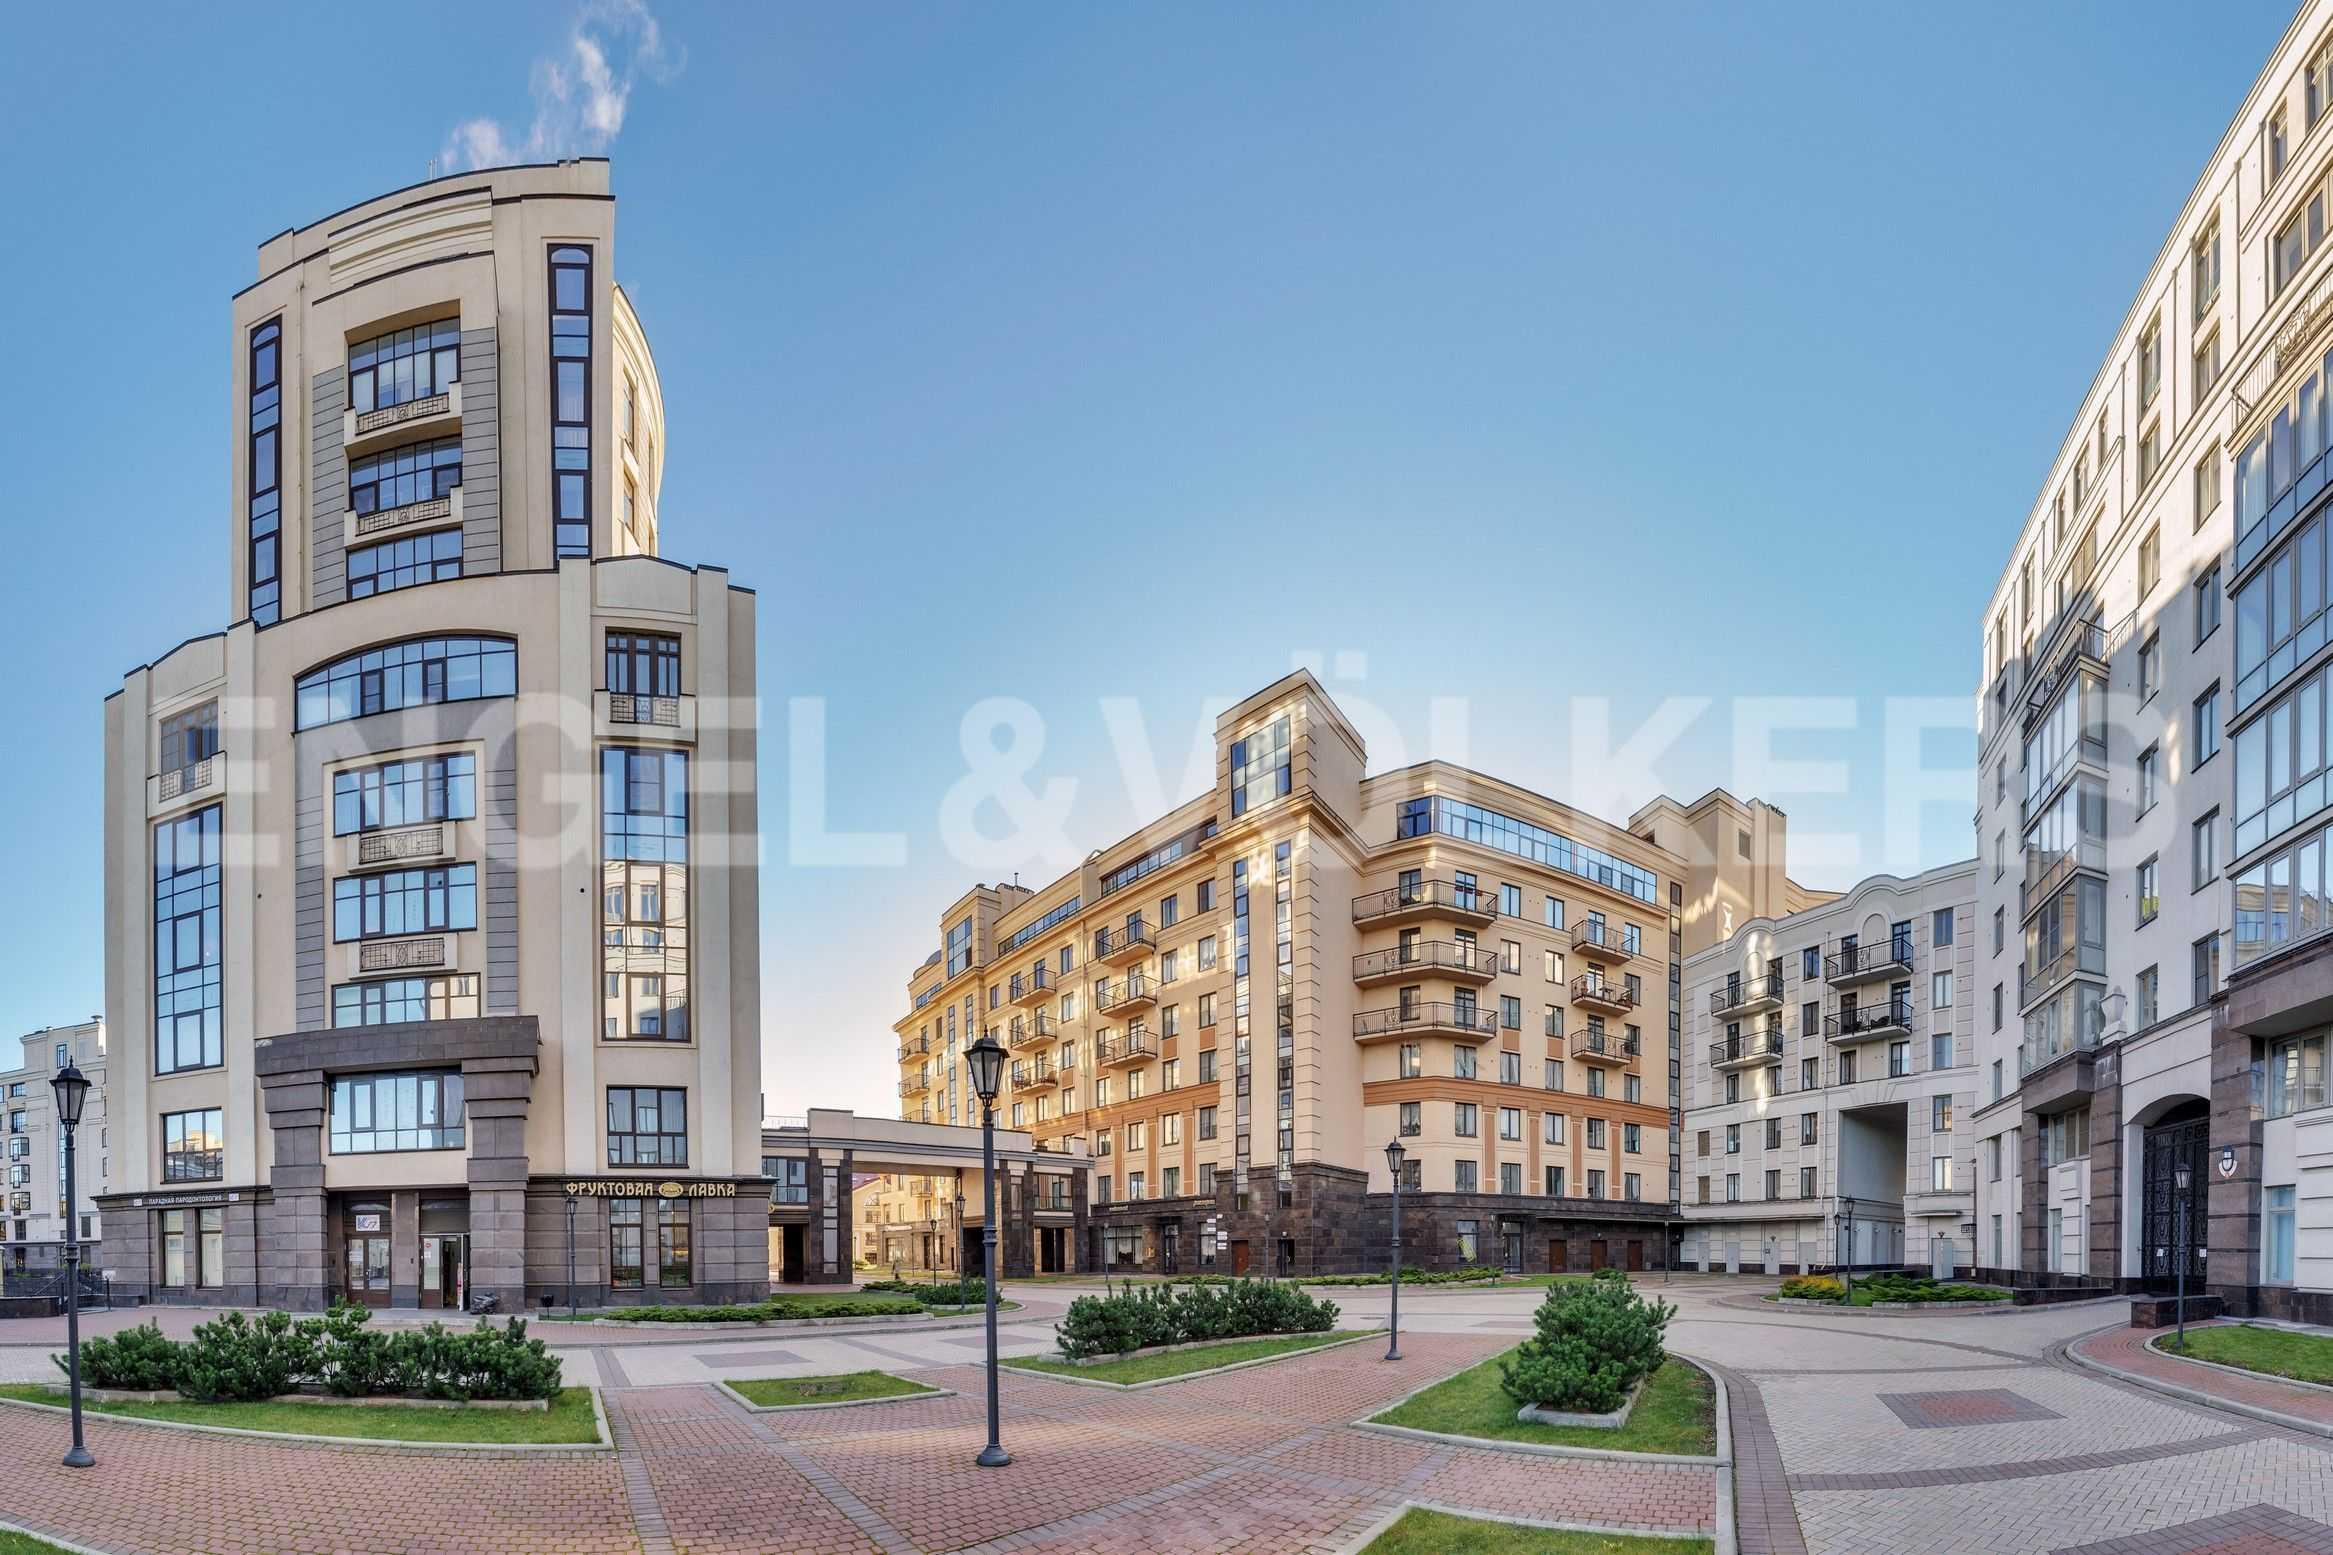 Элитные квартиры в Центральном районе. Санкт-Петербург, Парадная, 3. Фасад дома с территории комплекса